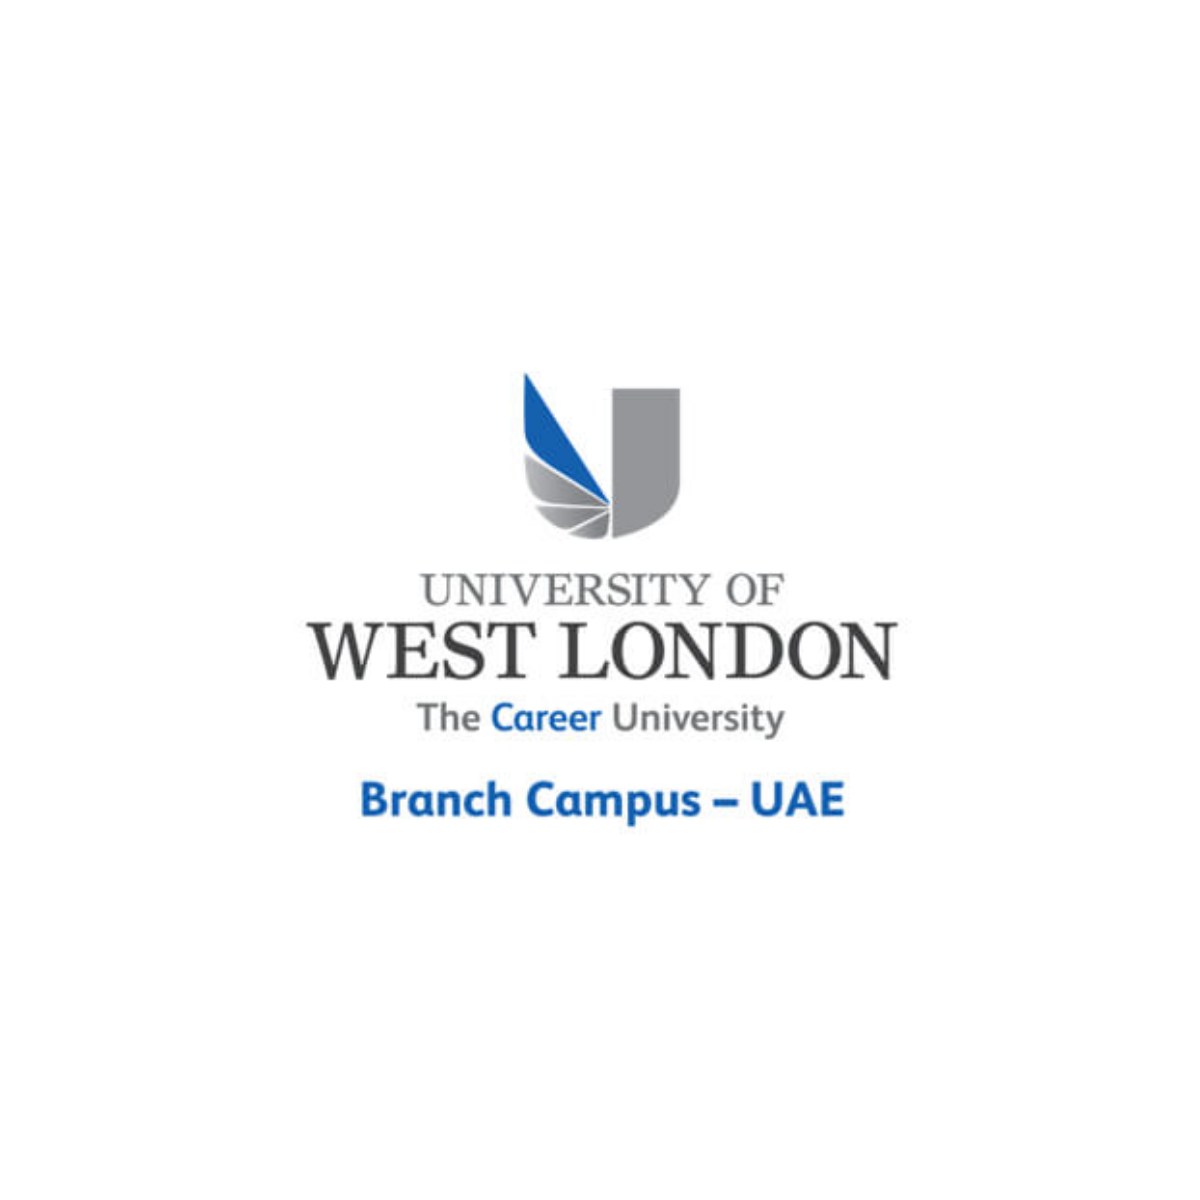 University of West London RAK Logo Image